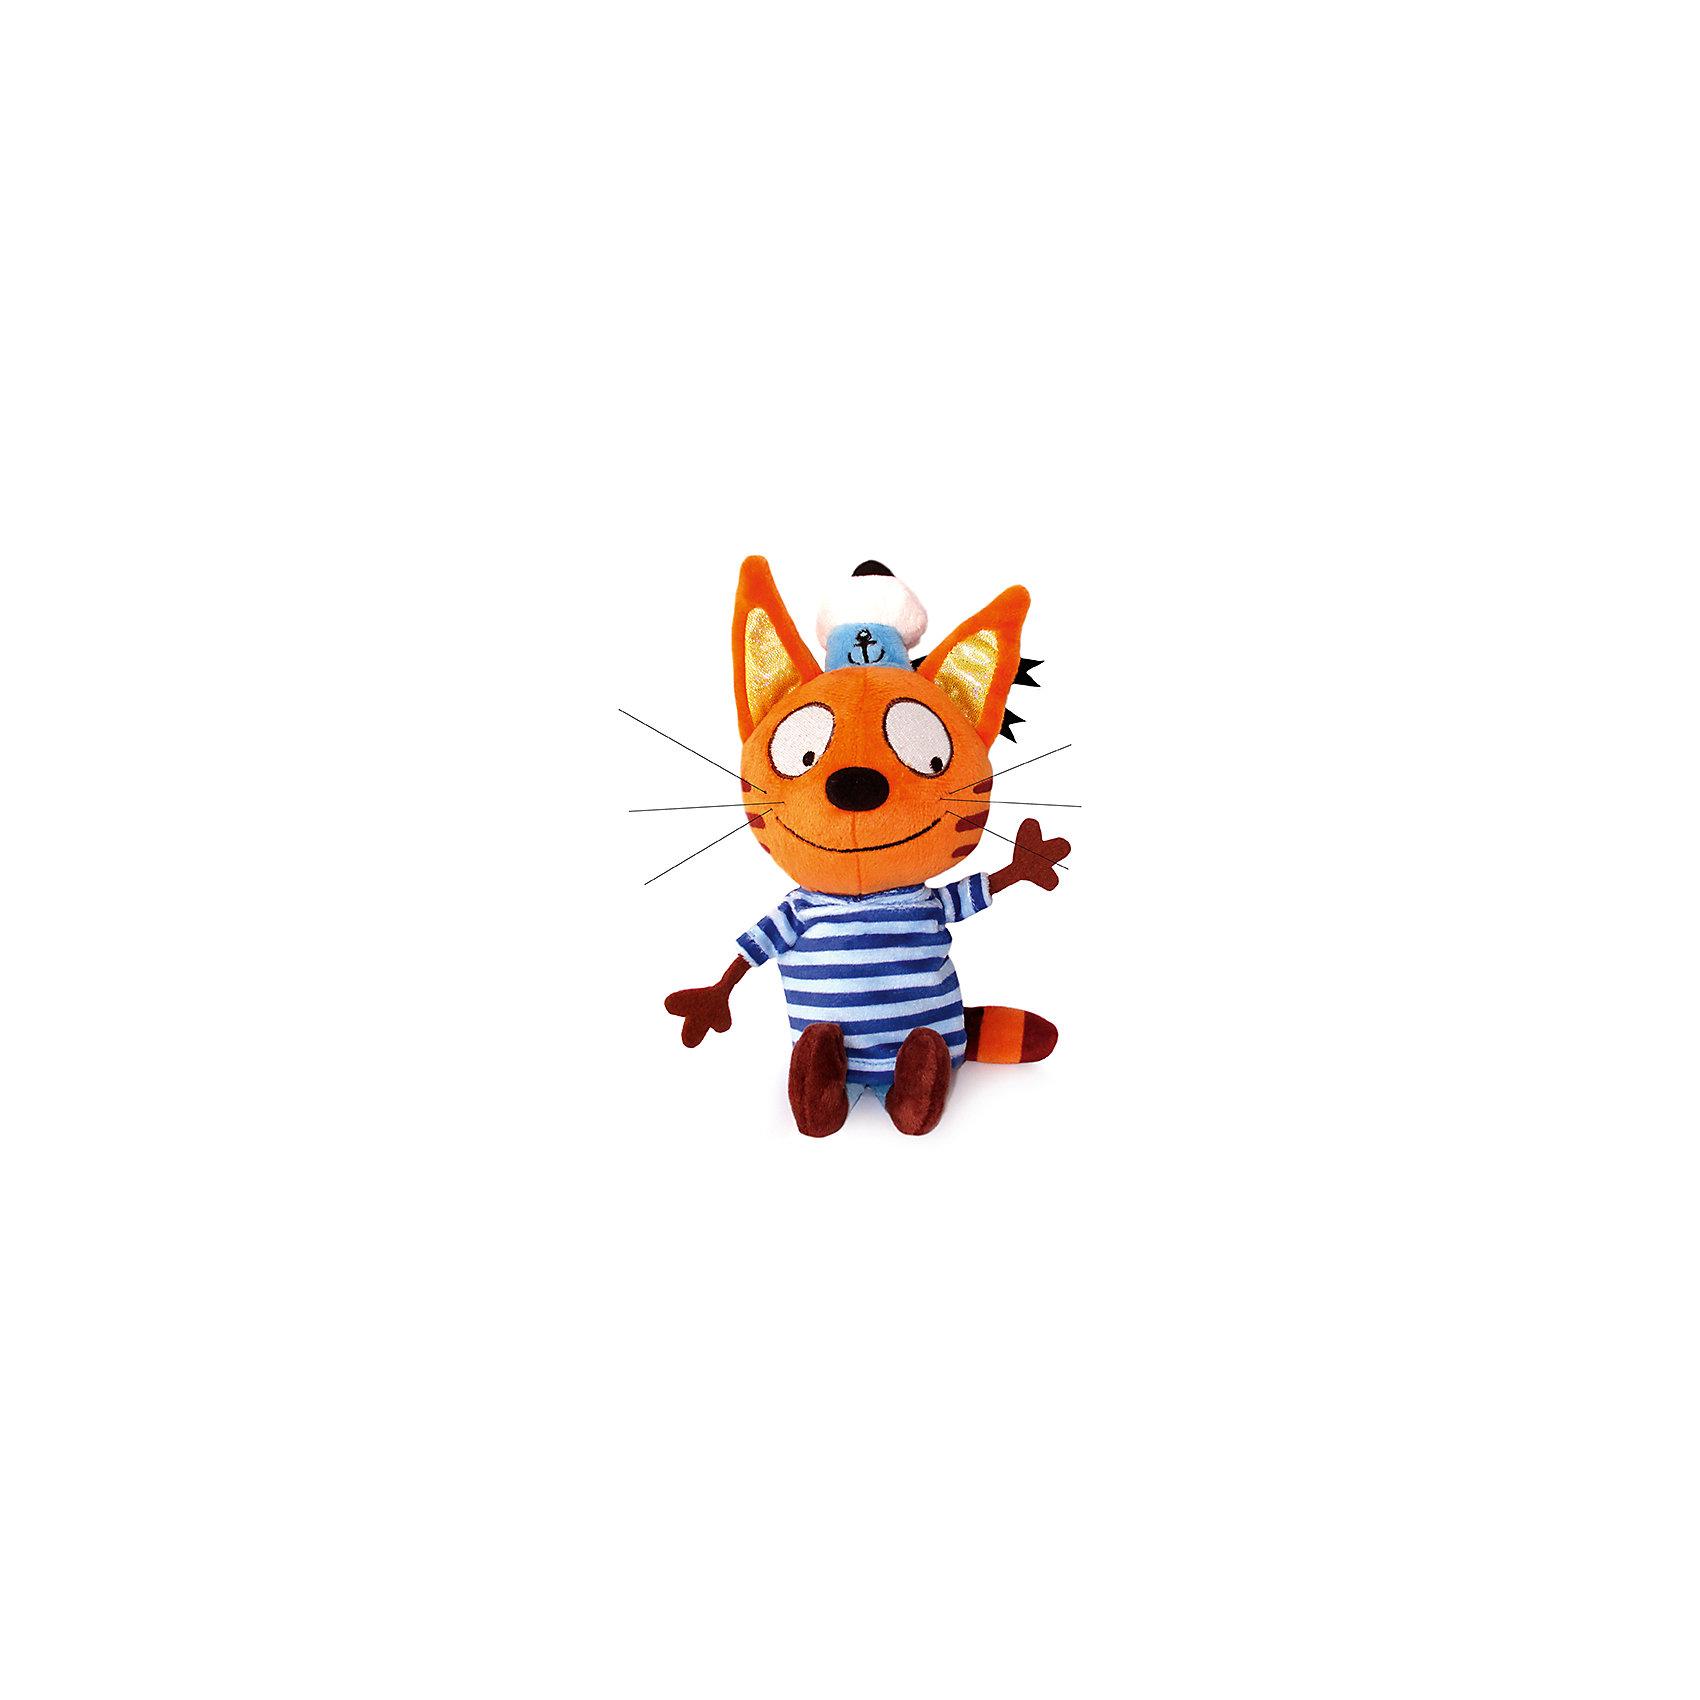 МУЛЬТИ-ПУЛЬТИ Мягкая игрушка Коржик, 3 Кота, Мульти-Пульти, 14 см мульти пульти мягкая игрушка кот леопольд 20 см со звуком мульти пульти